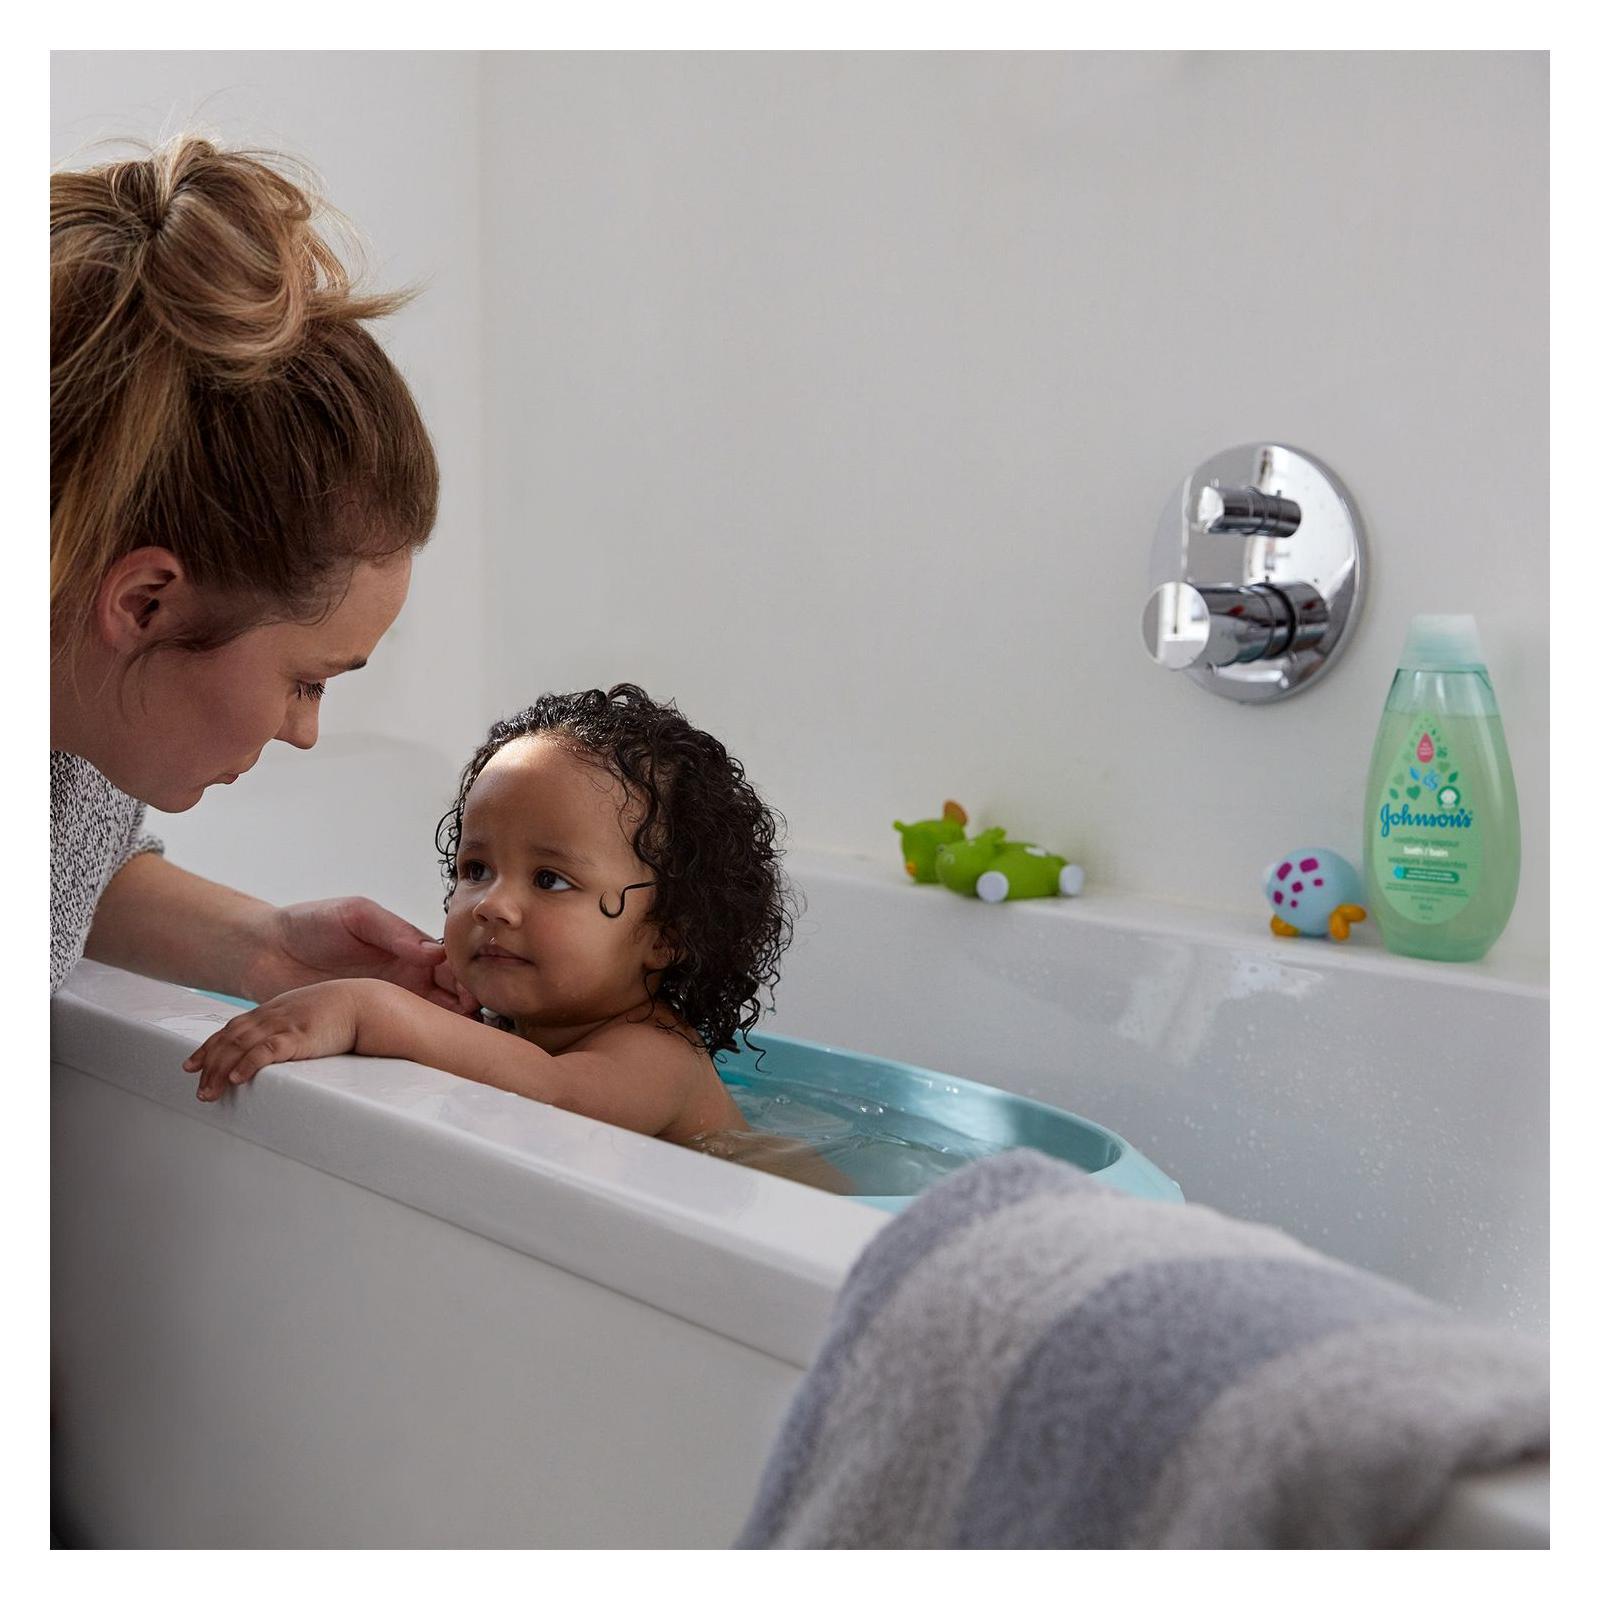 Johnson's Vapour Bath